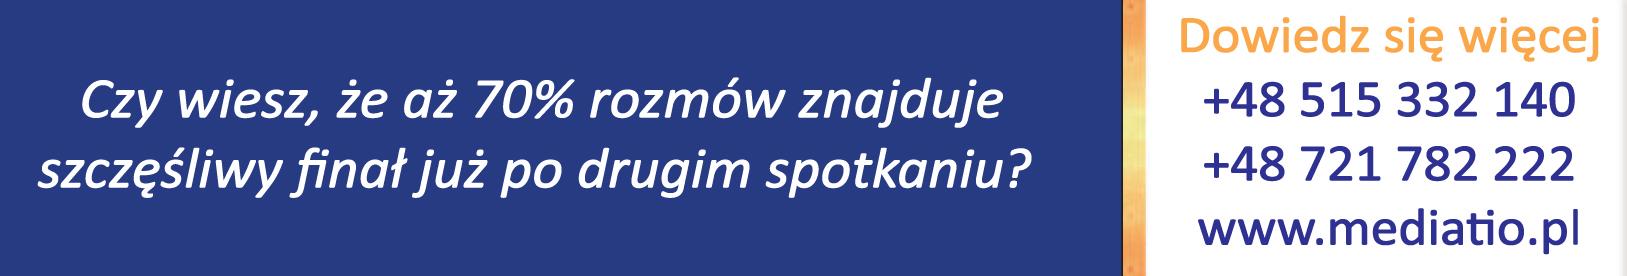 Po lewej stronie znajduje się informacja, iż 70% rozmów znajduje szczęsliwy finał już po drugim spotkaniu. po prawej stronie na białym tle są dane kontaktowe: numery telefonów +48 515 332 140, +48 721 782 222 oraz adres witryny internetowej: www.mediatio.pl